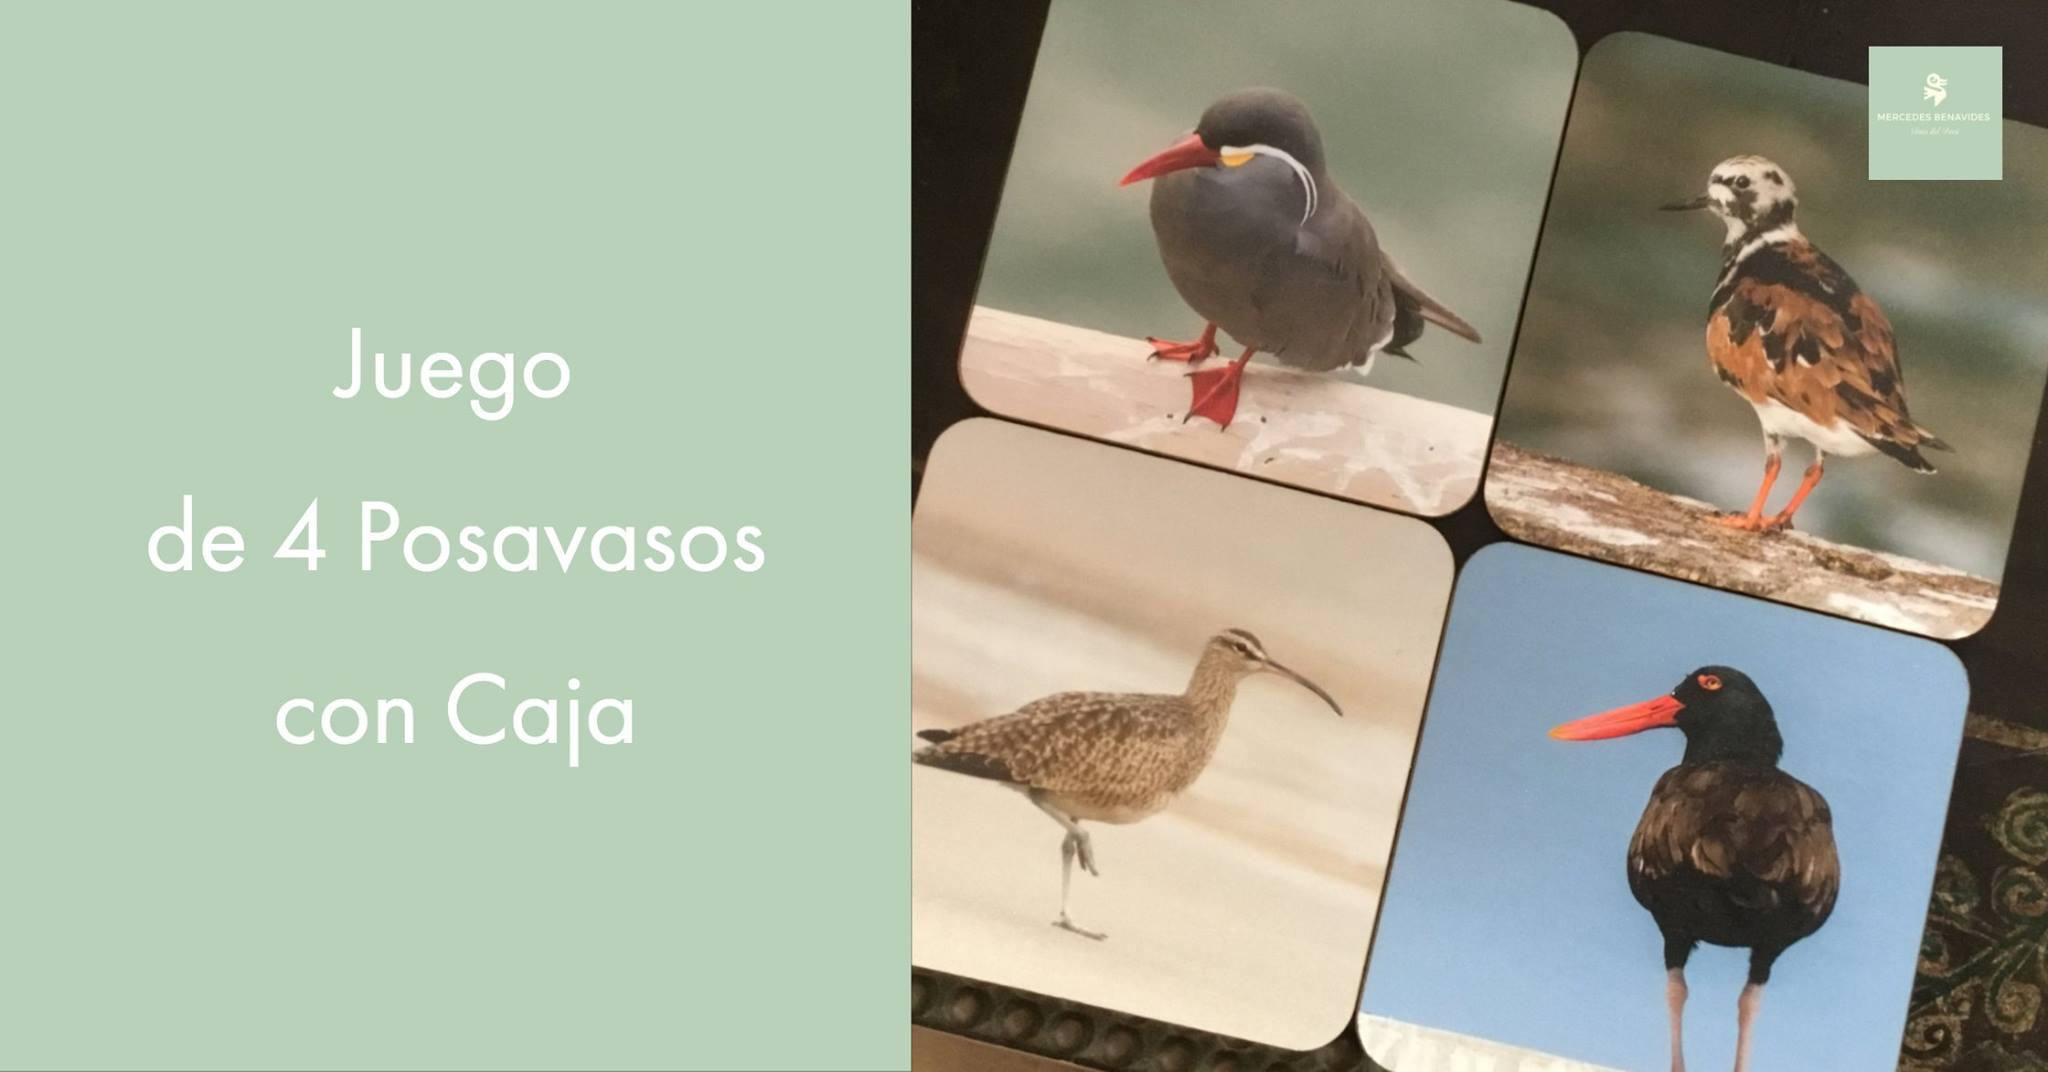 Juego de 4 Posa Vasos con Caja   Este juego de 4 Posa Vasos presenta aves que se encuentran fácilmente en las playas del Océano Pacífico del Perú y al mismo tiempo, son representativas de la diversidad de aves que tenemos en el Perú.  * Zarcillo ( Larosterna inca ) * Ostrero Negruzco ( Haematopus ater ) * Zarapito Trinador ( Numenius phaeopus ) * Vuelvepiedras Rojizo ( Arenaria interpres )  ¡Combina tu juego de té, café o bebidas frías, con este juego de posa vasos, con representaciones de la naturaleza del Perú, país mega-diverso!